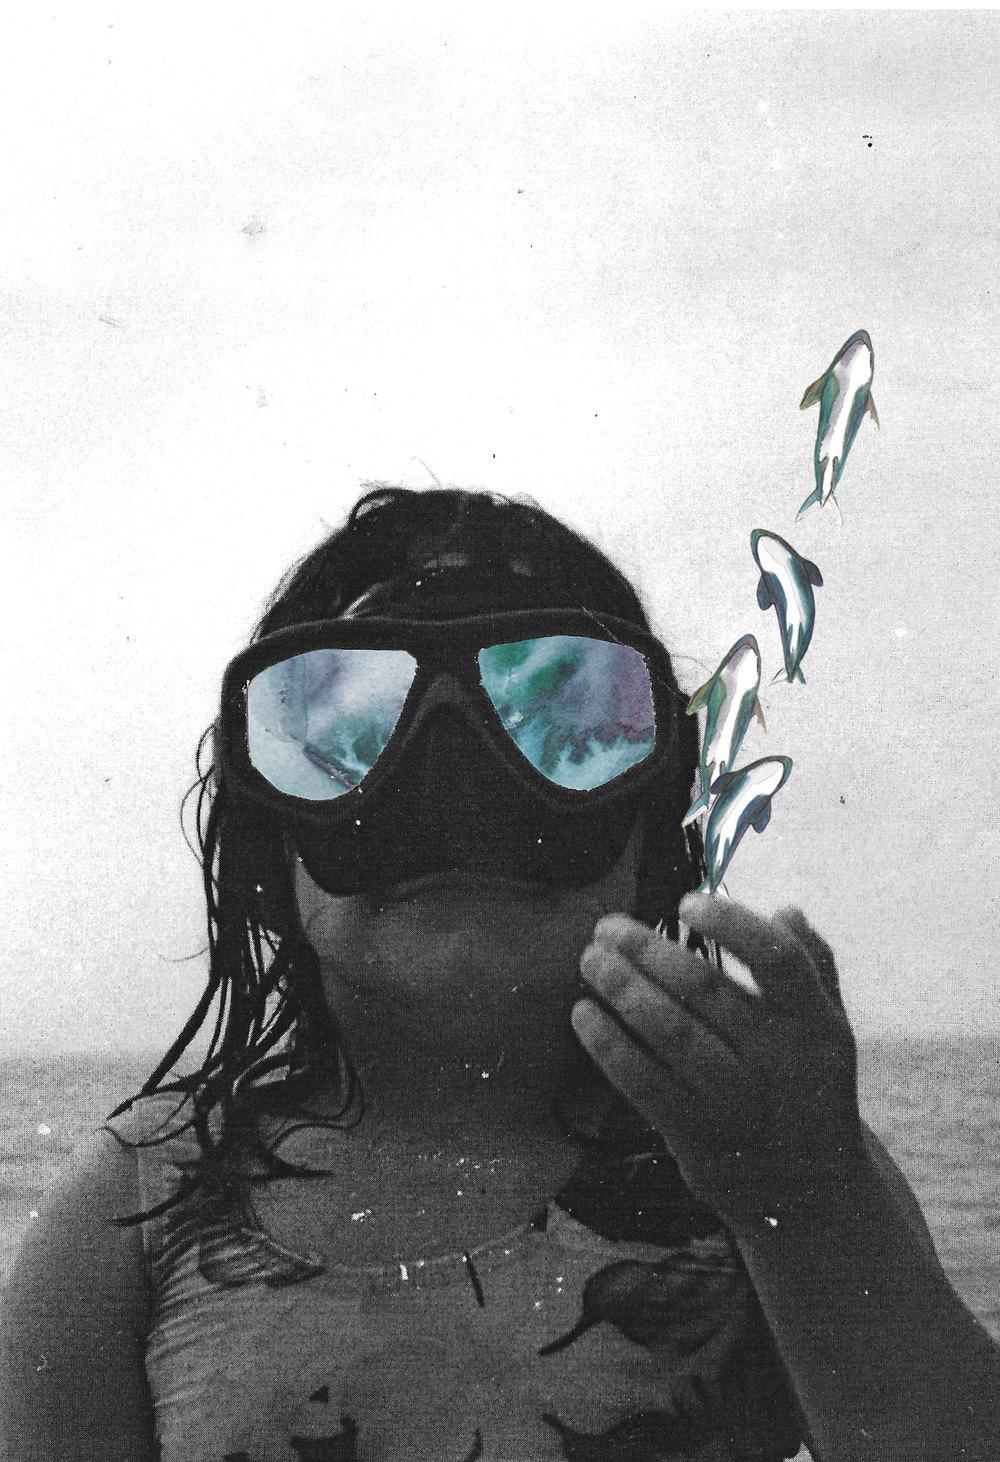 me-goggles-print.jpg